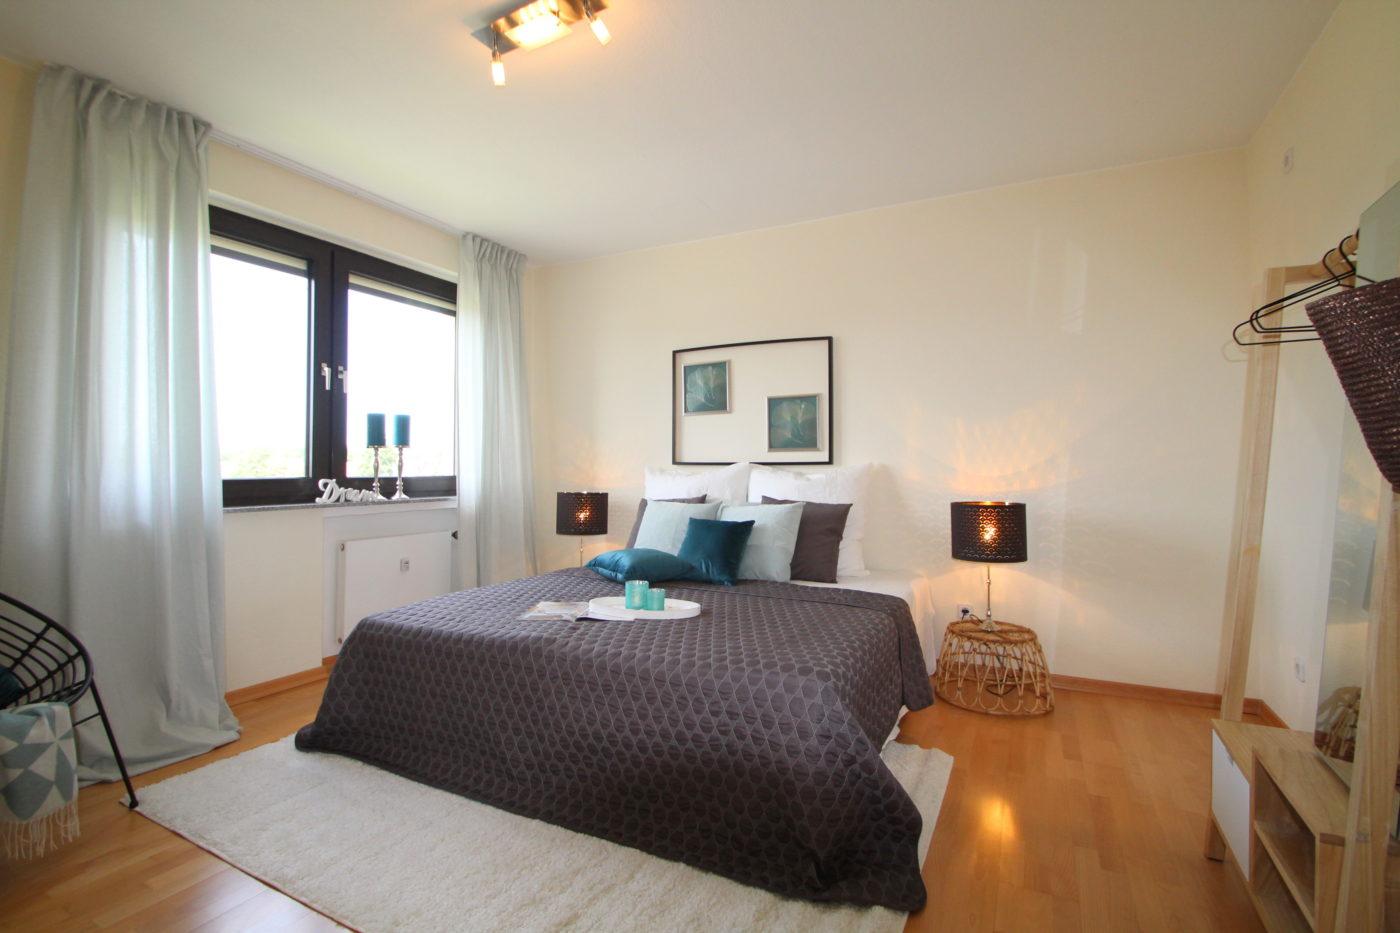 Schlafzimmer nach dem Homestaging durch Nicole Biernath von Blickfang Homestaging in Soest